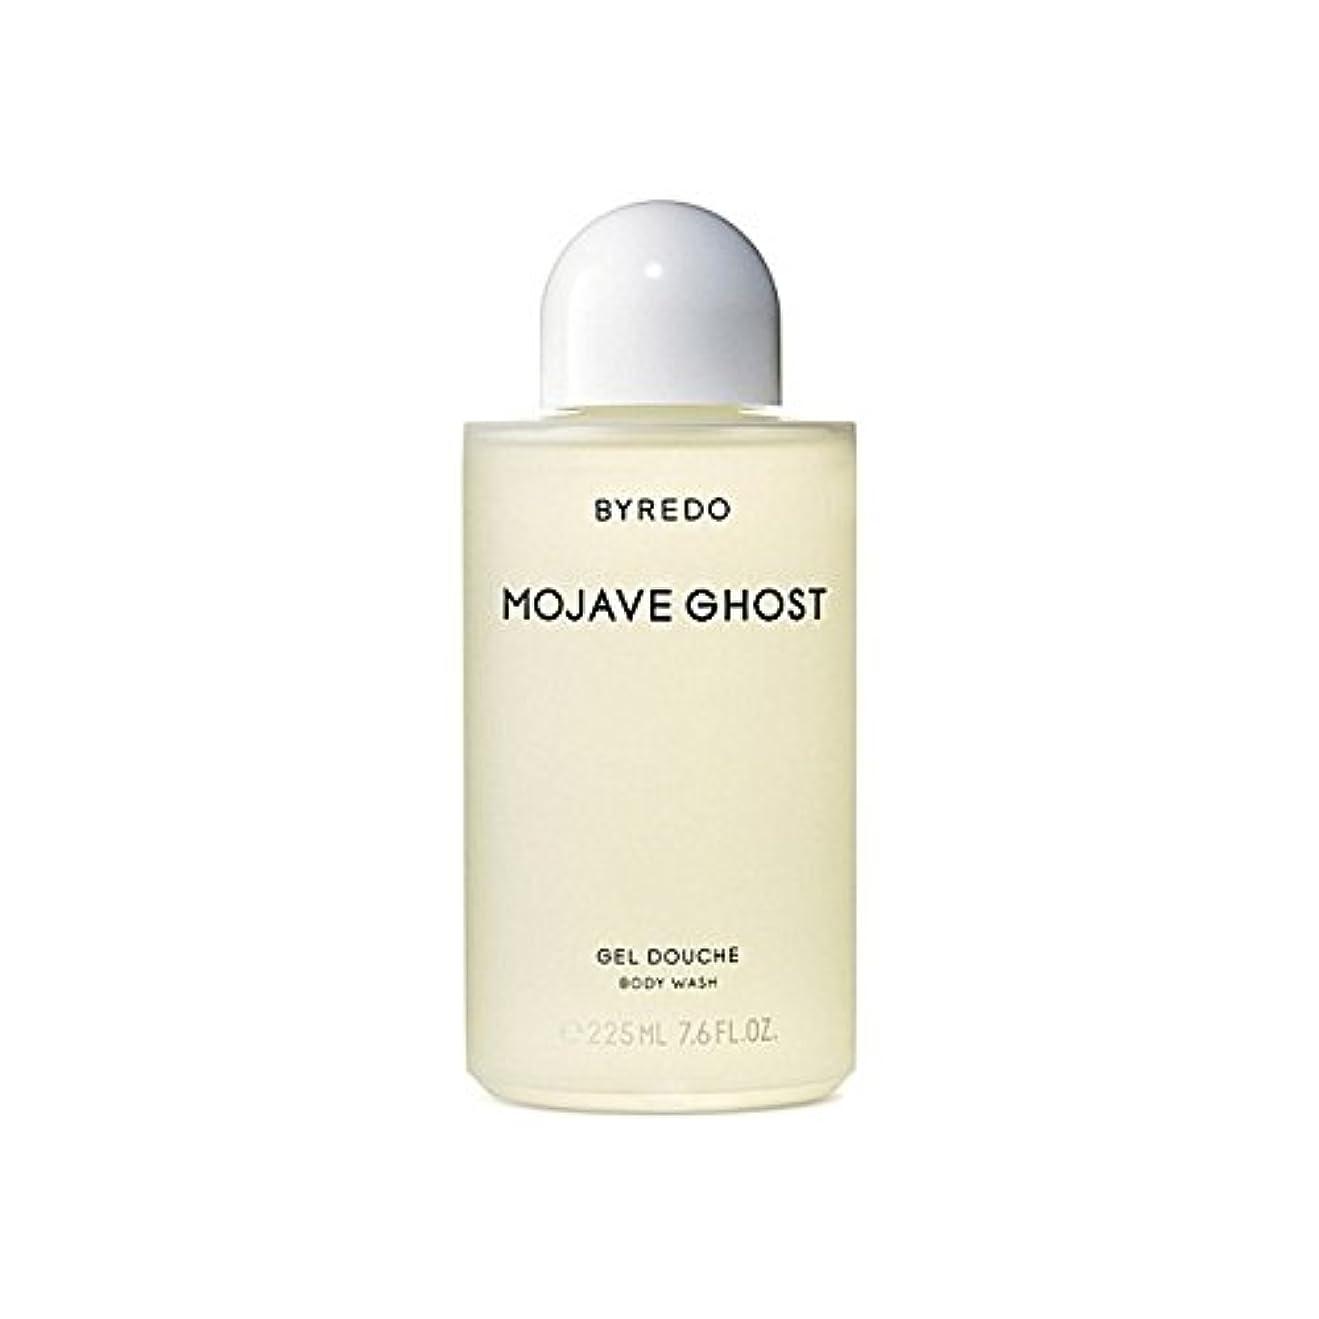 話すステッチ非難するByredo Mojave Ghost Body Wash 225ml - モハーベゴーストボディウォッシュ225ミリリットル [並行輸入品]